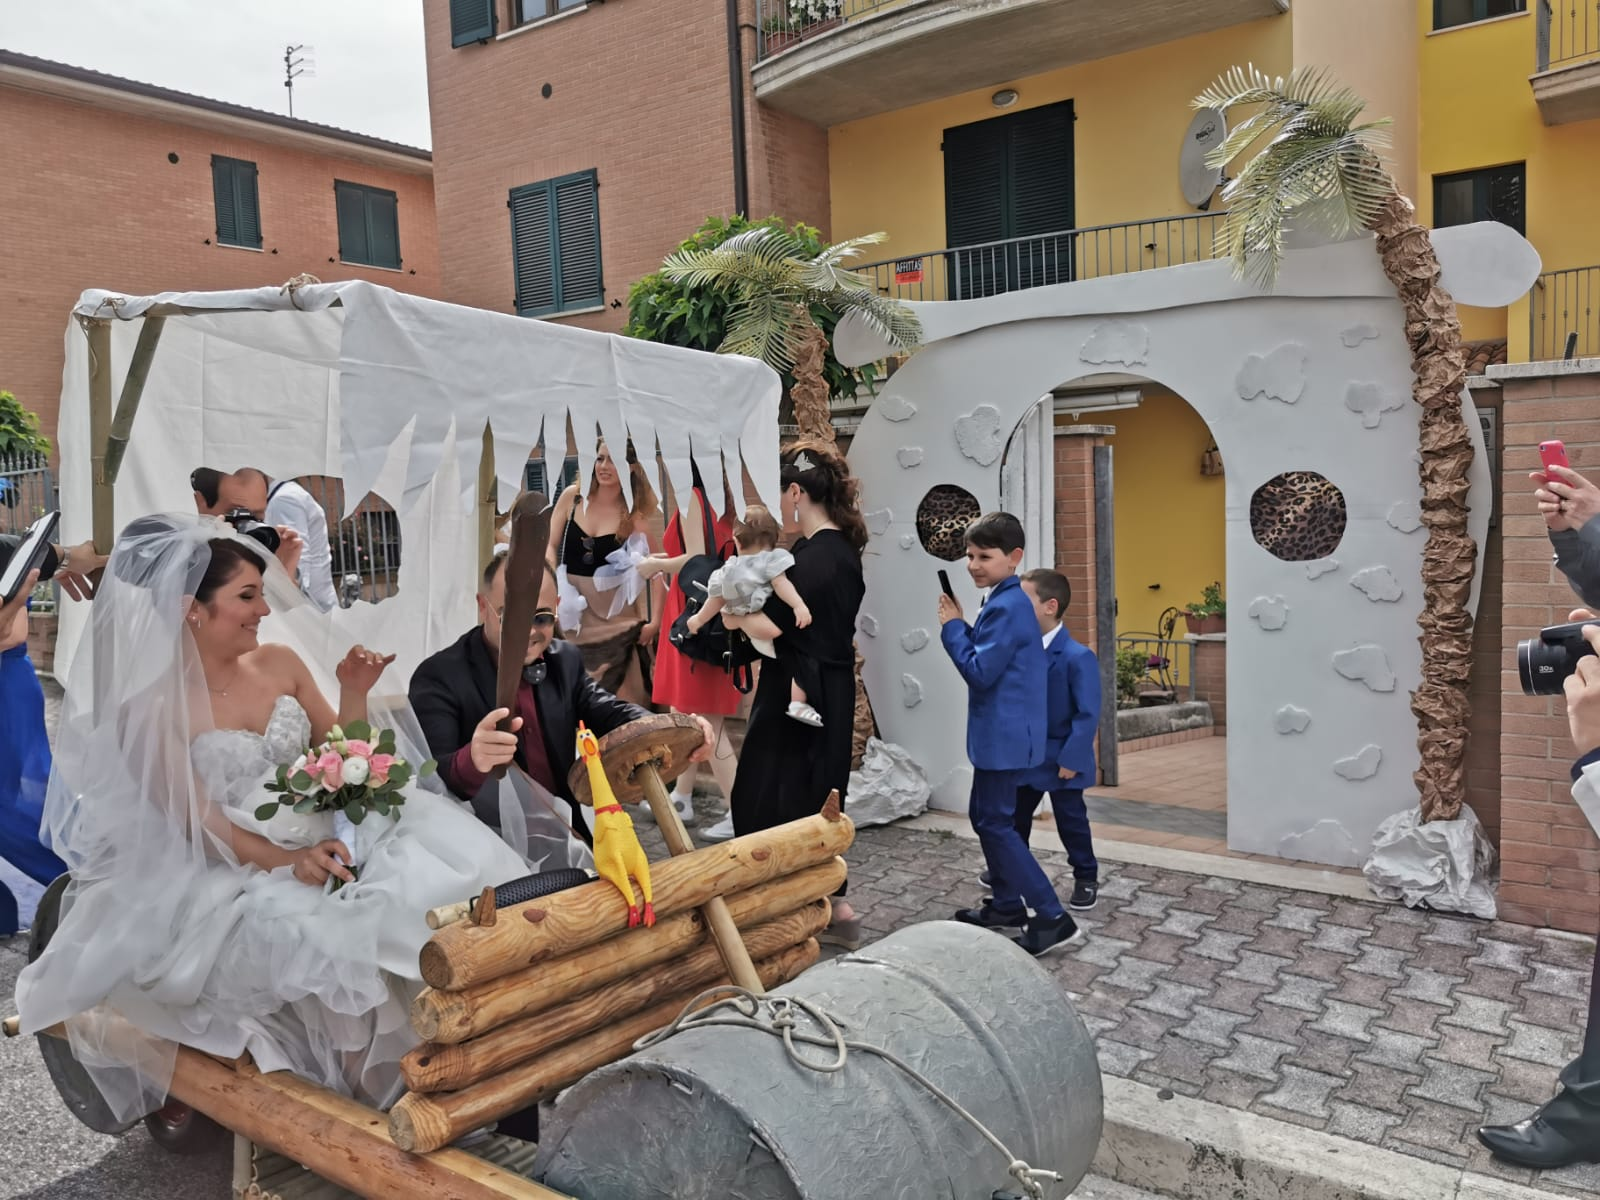 Auguri Di Matrimonio In Ritardo : Dalla città di bedrock allaltare: un matrimonio alla flintstones